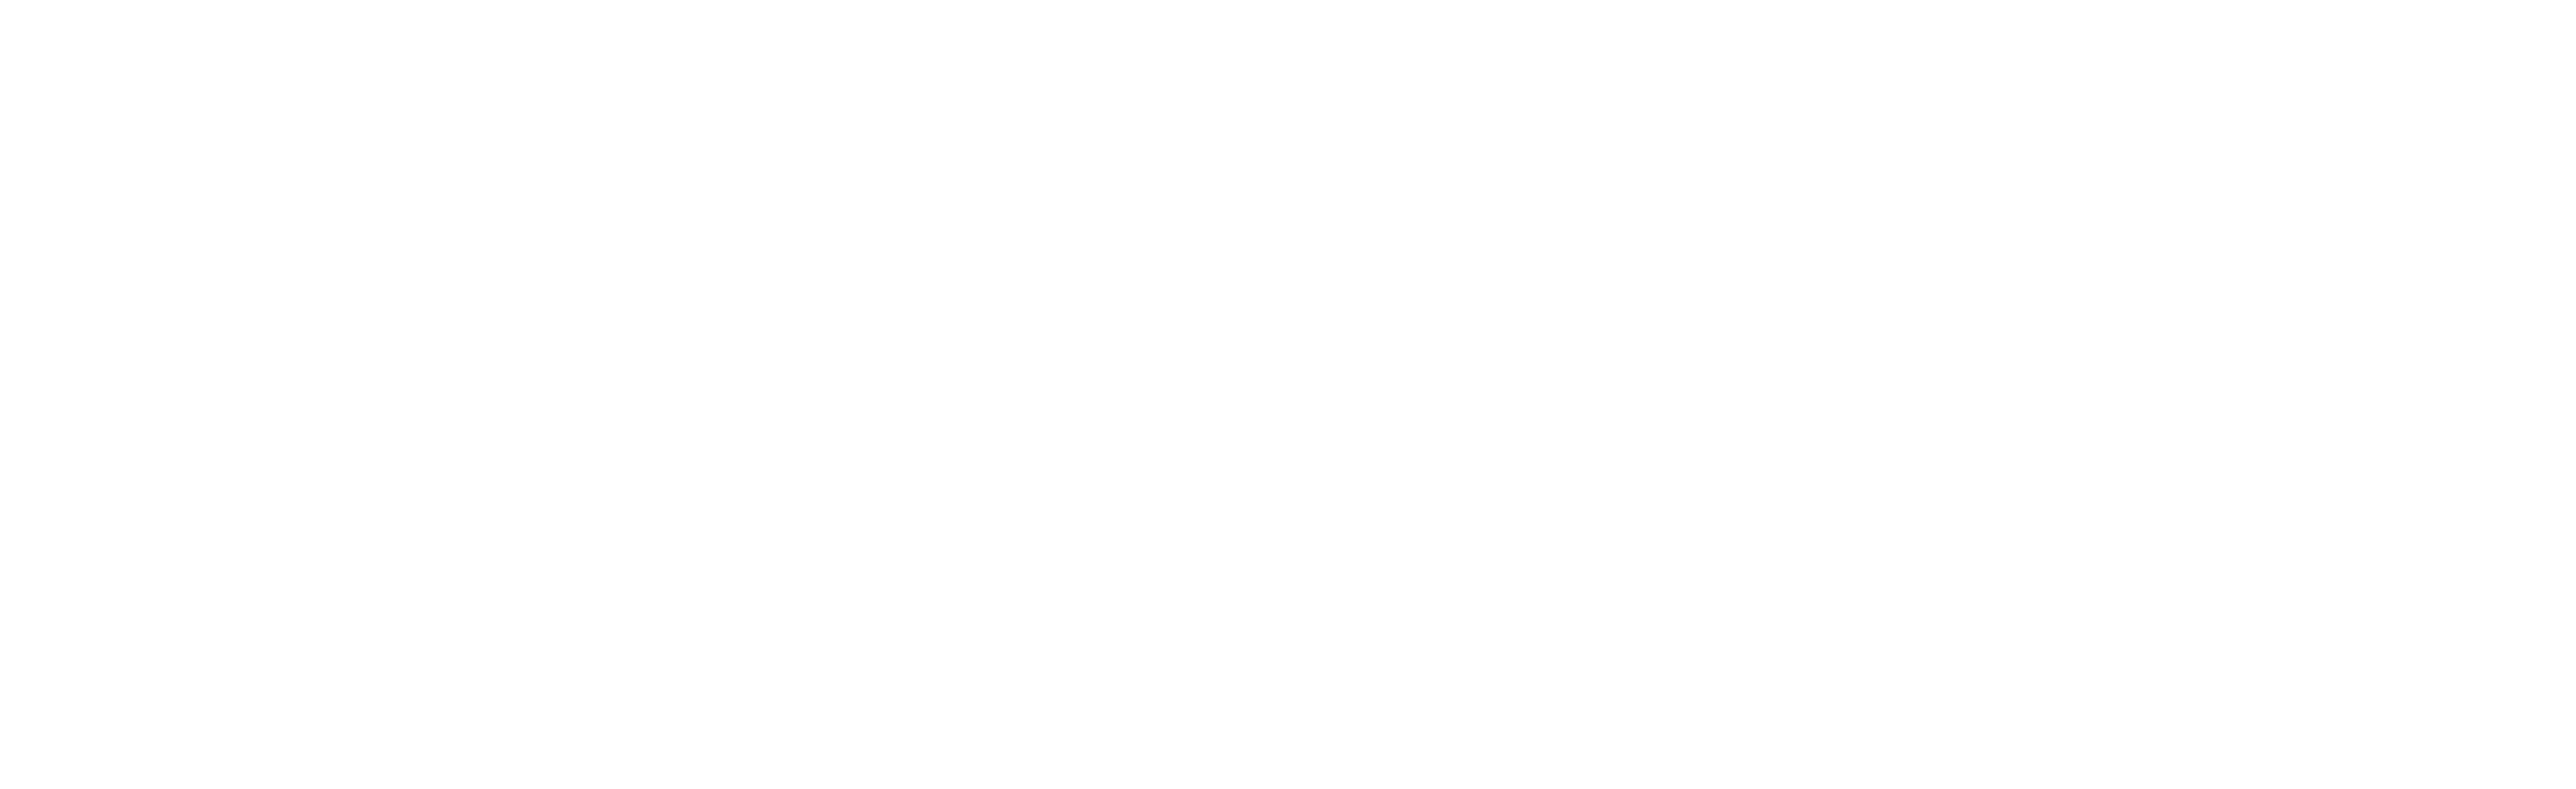 SwimWare Scheduling